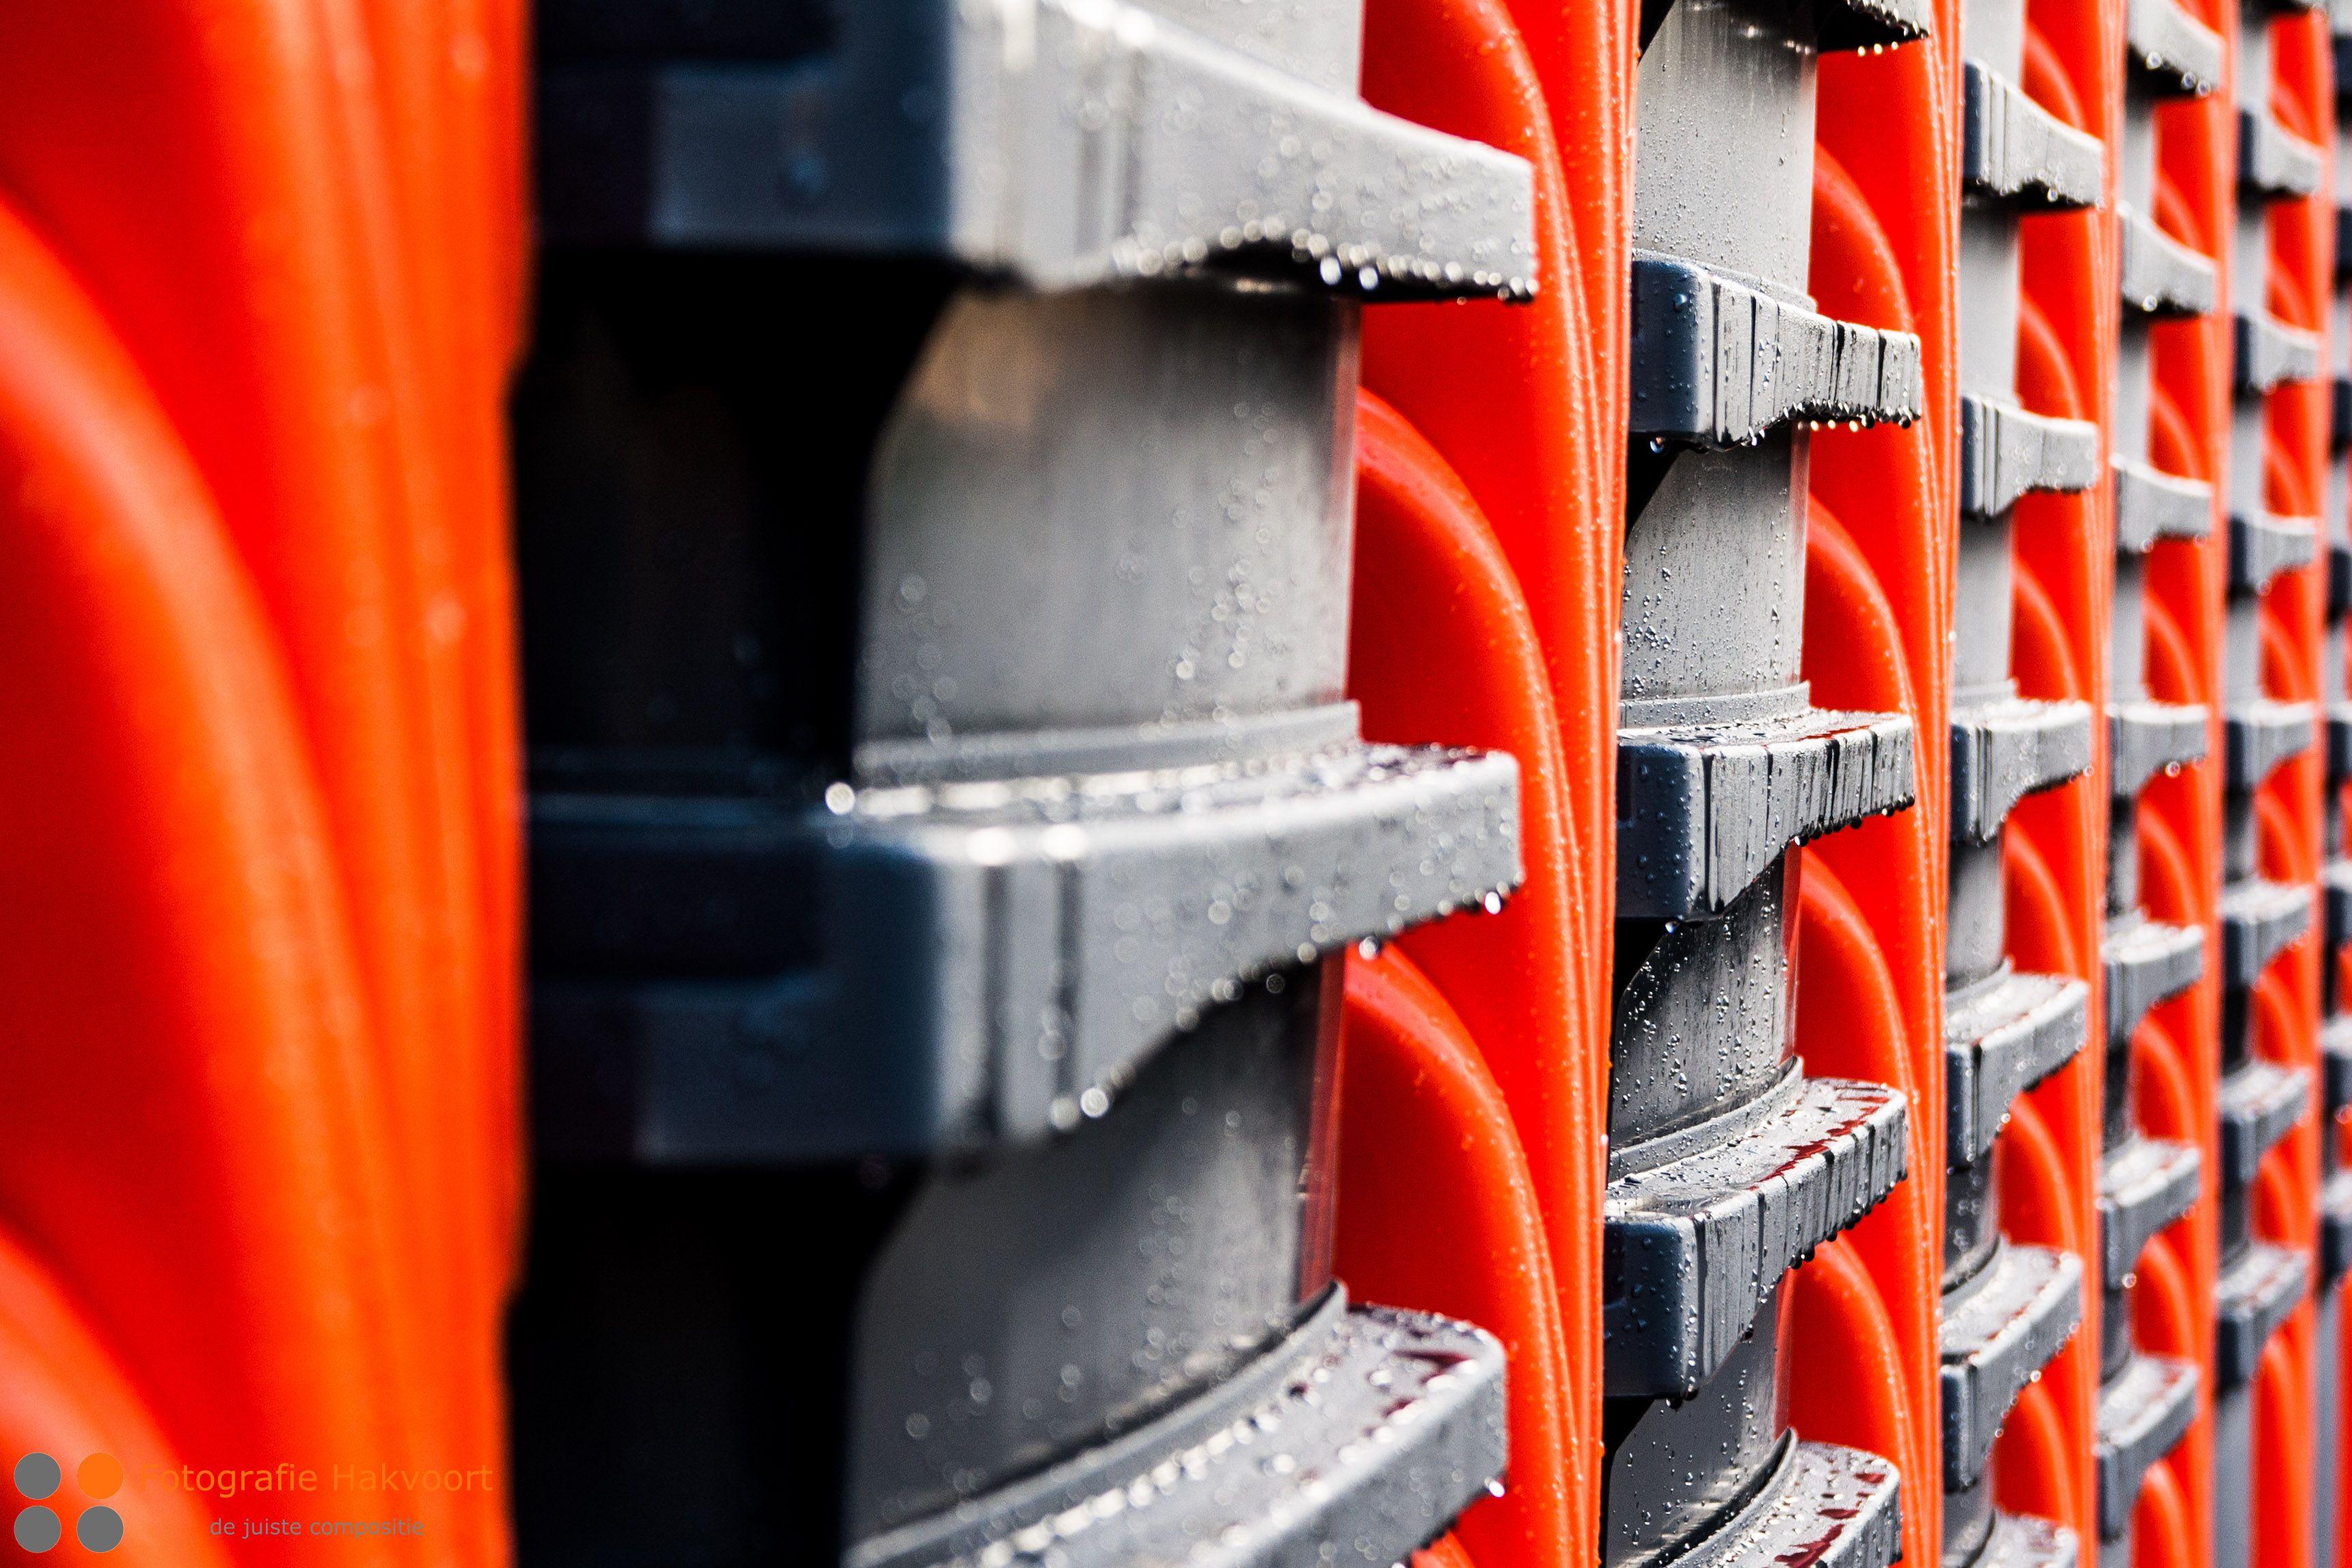 #duurzaamheid is toch fantastisch als ze gebruik maken van mijn favoriete kleurcombinatie #antraciet en #oranje